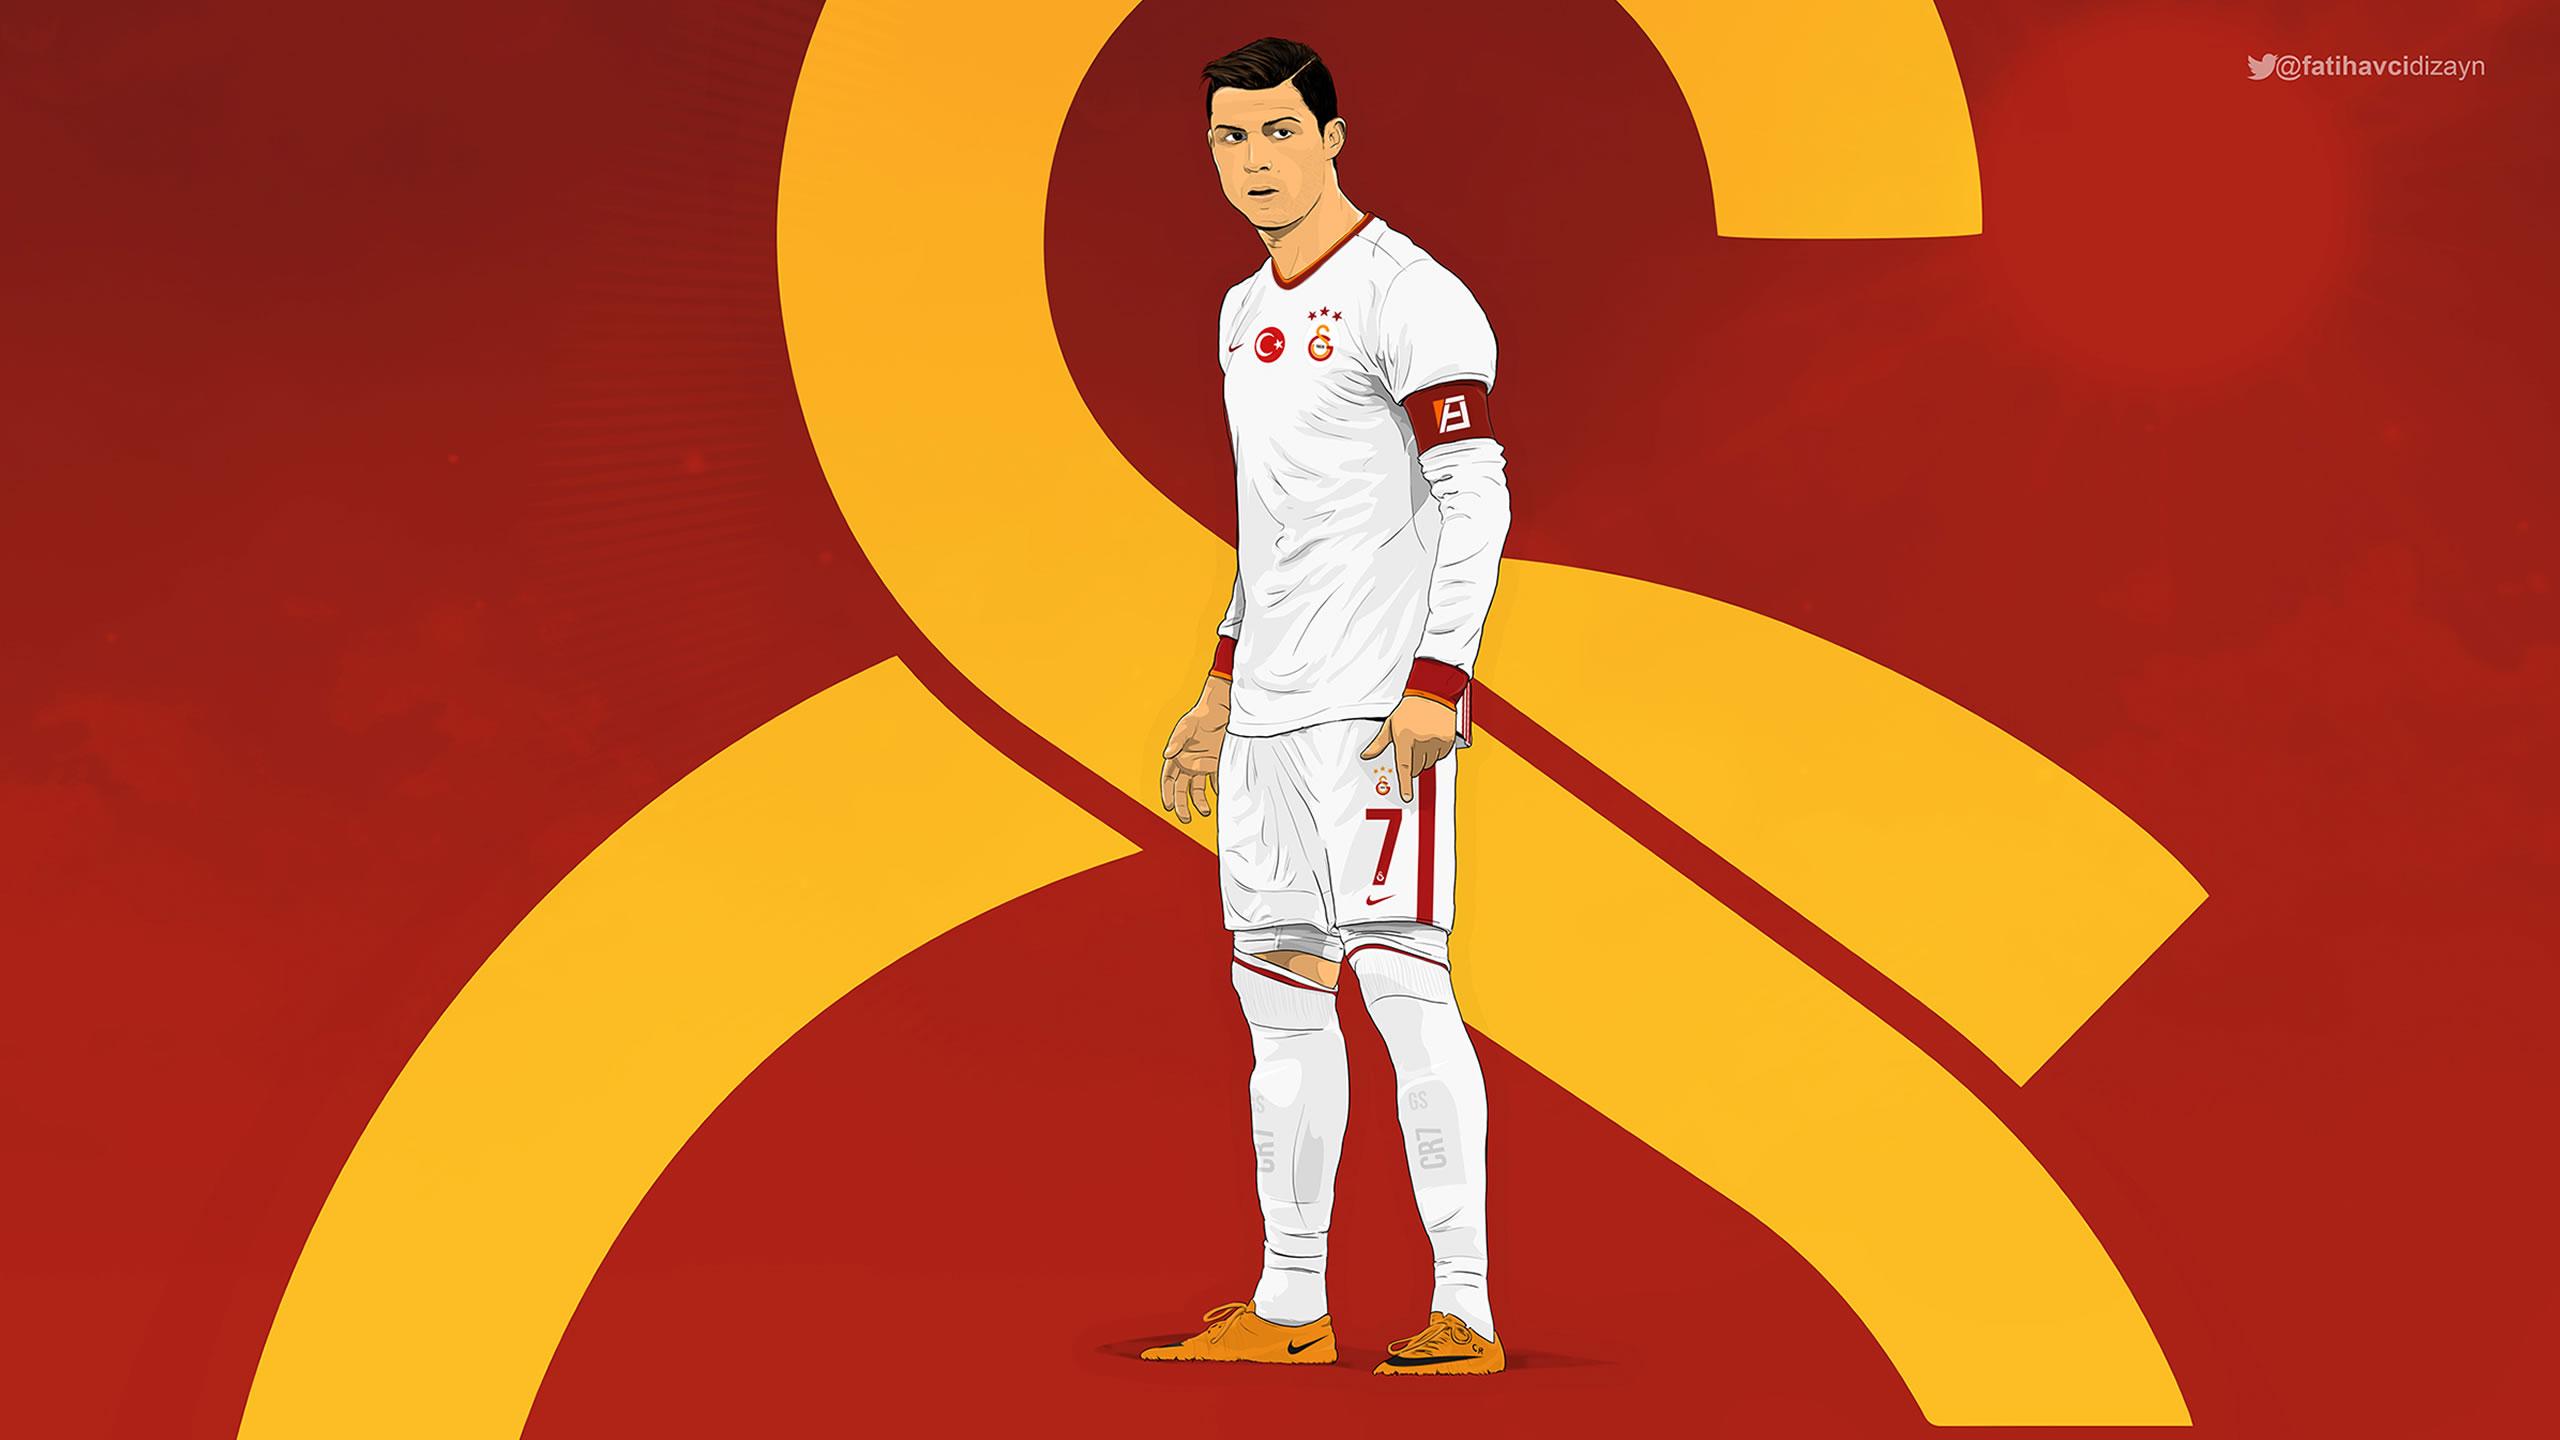 Cristiano Ronaldo Galatasaray 2015 Away Kit